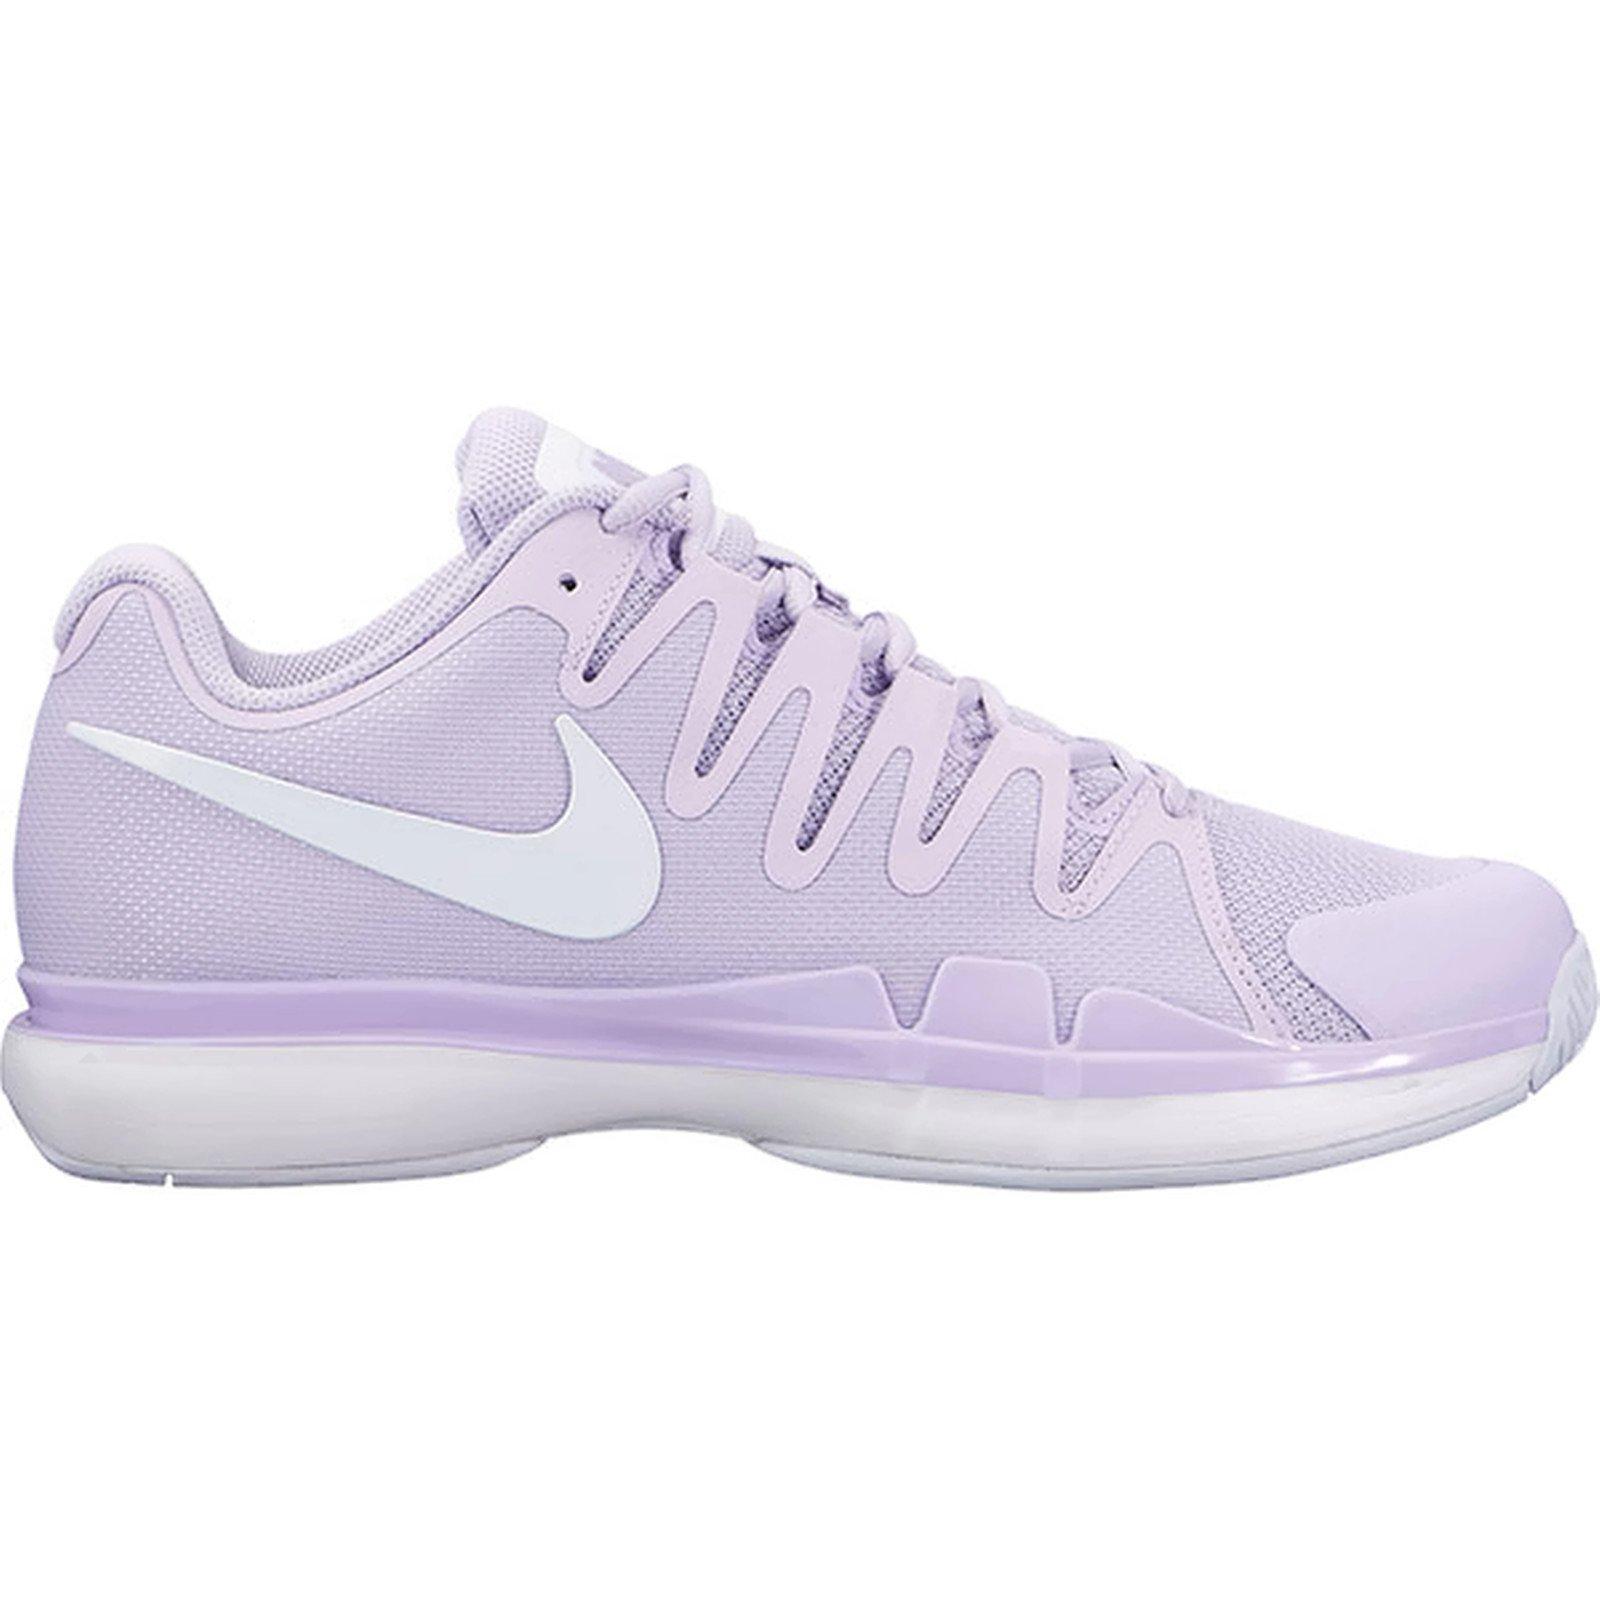 Nike Women's Zoom Vapor 9.5 Tour Tennis Shoe (U.S. Open 2016 colors) (8 B(M) US, Violet Mist/White-Summit White)